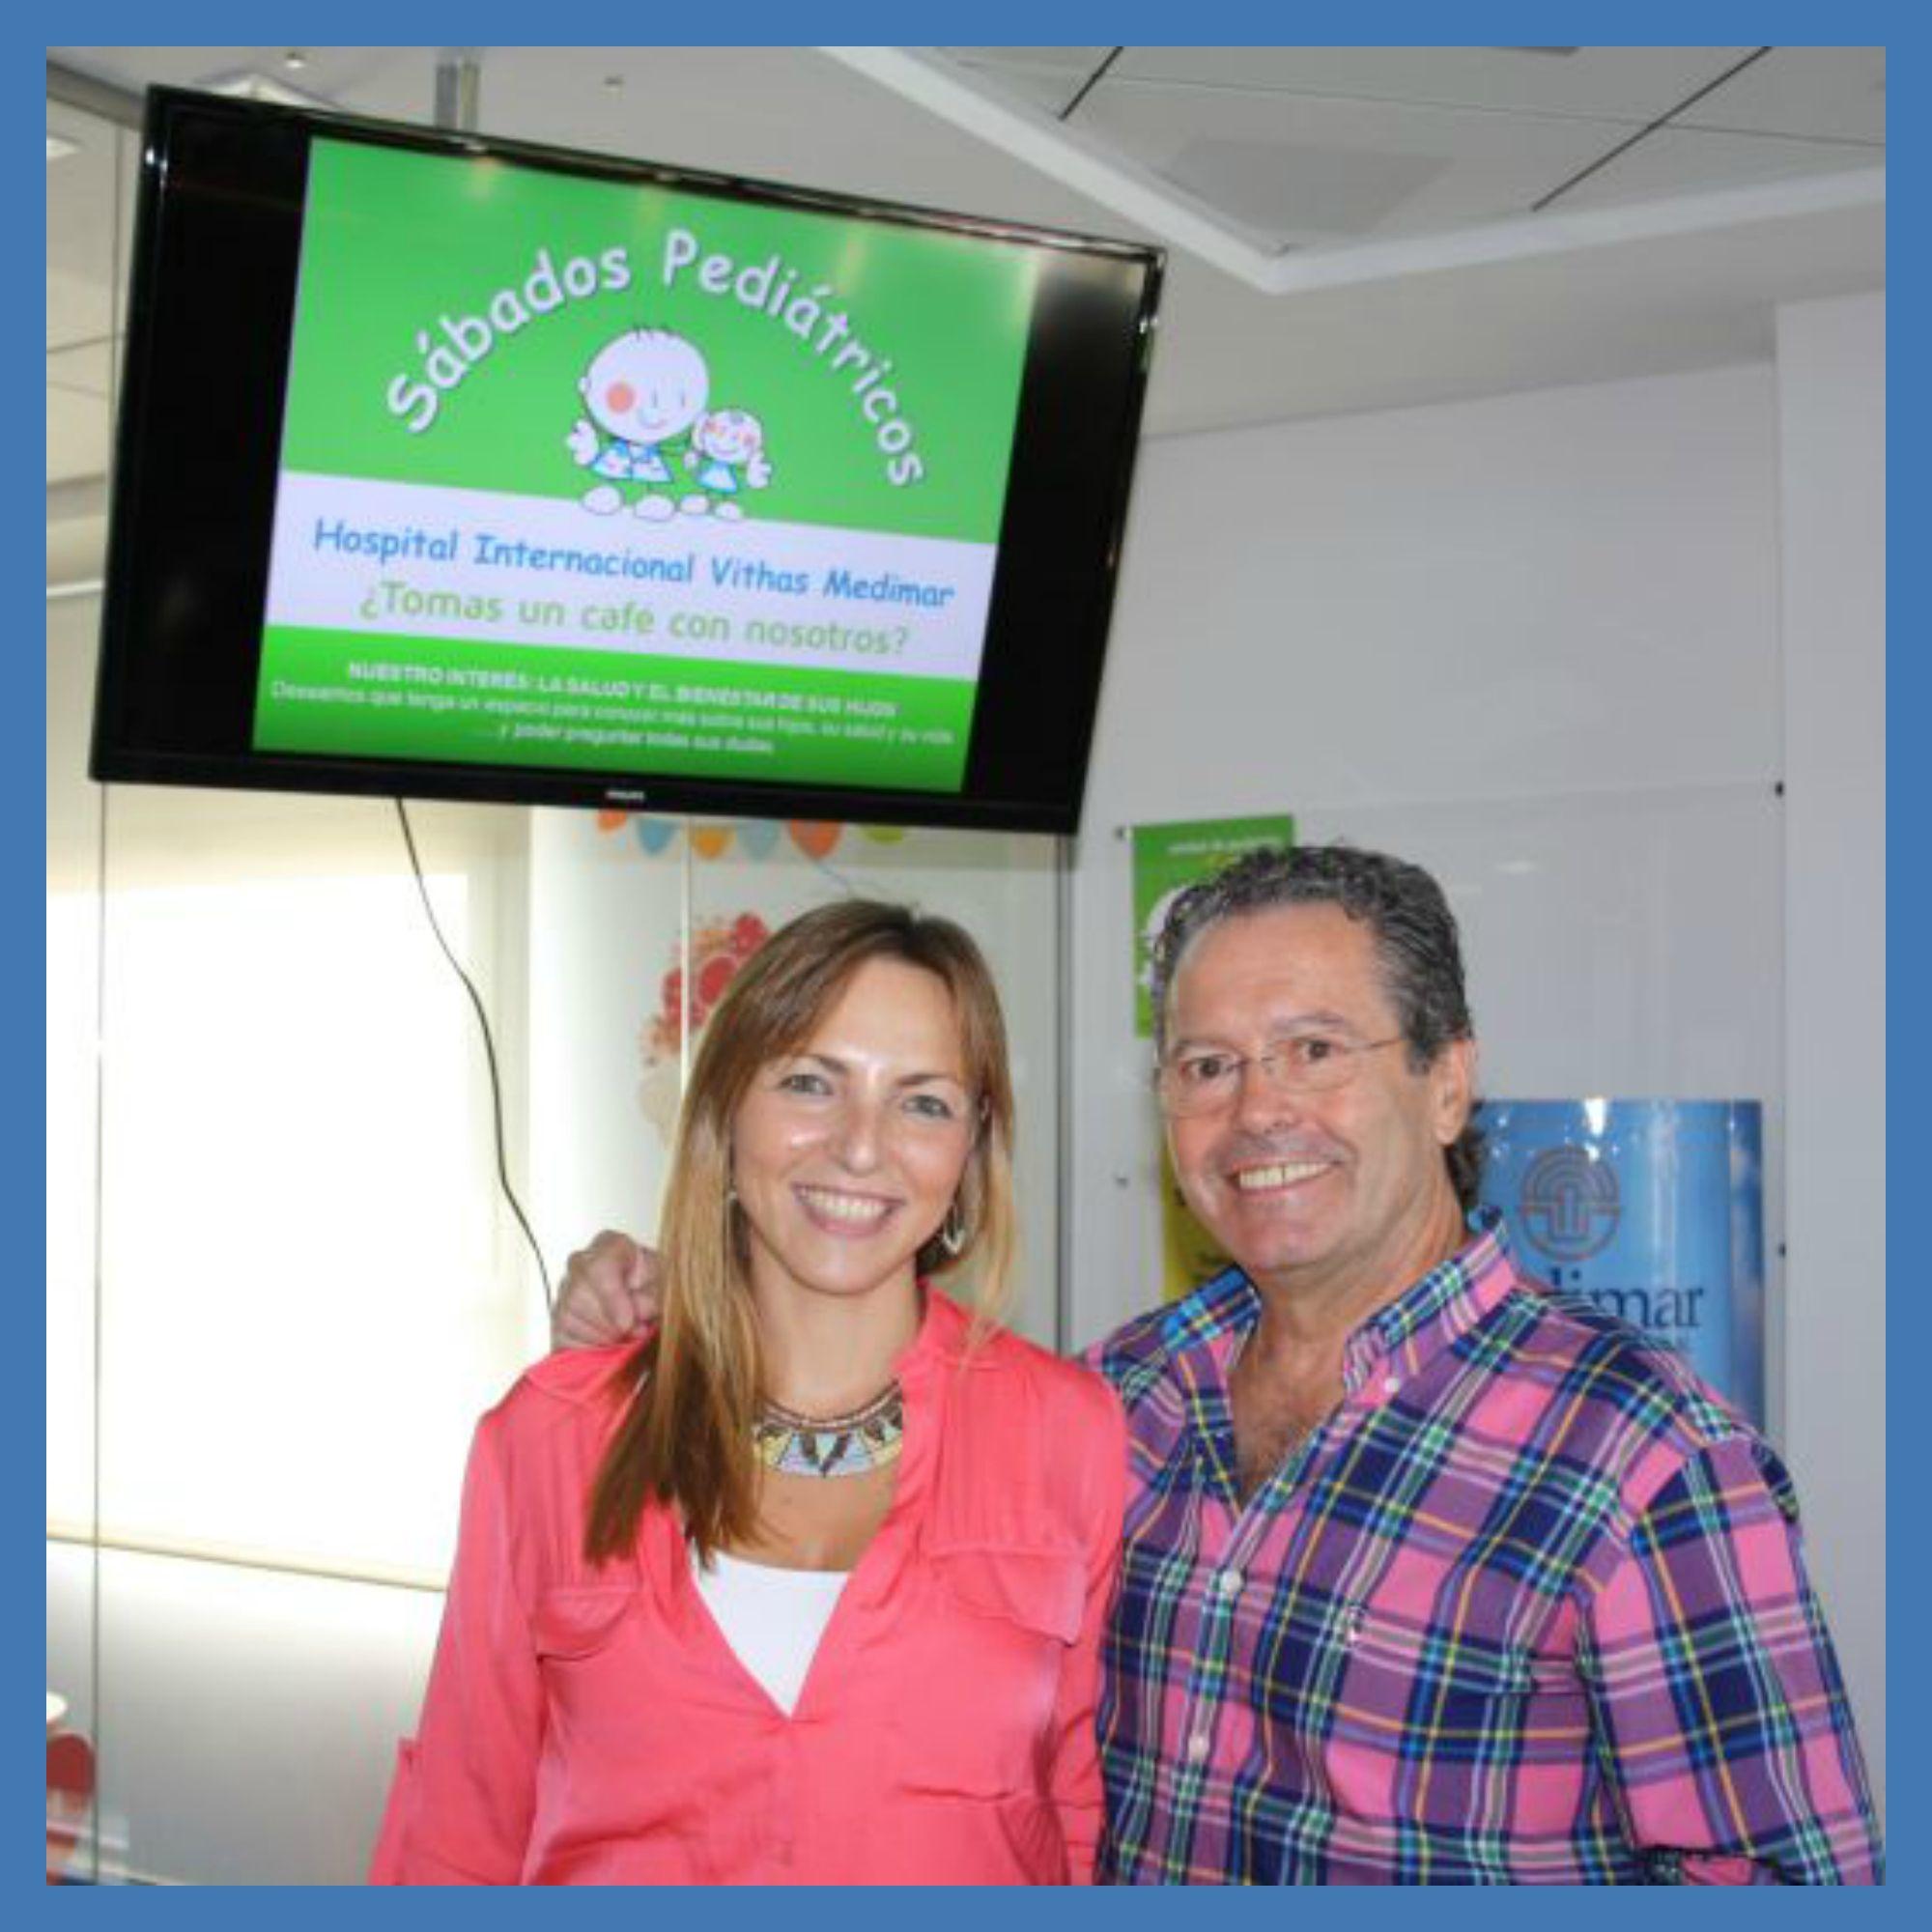 La Dra. L.Galán y el Dr. A.Redondo, pediatras de Medimar, expusieron distintos temas relacionados con la vuelta al cole, que fue seguido de un animado coloquio que se prolongó casi una hora y media.